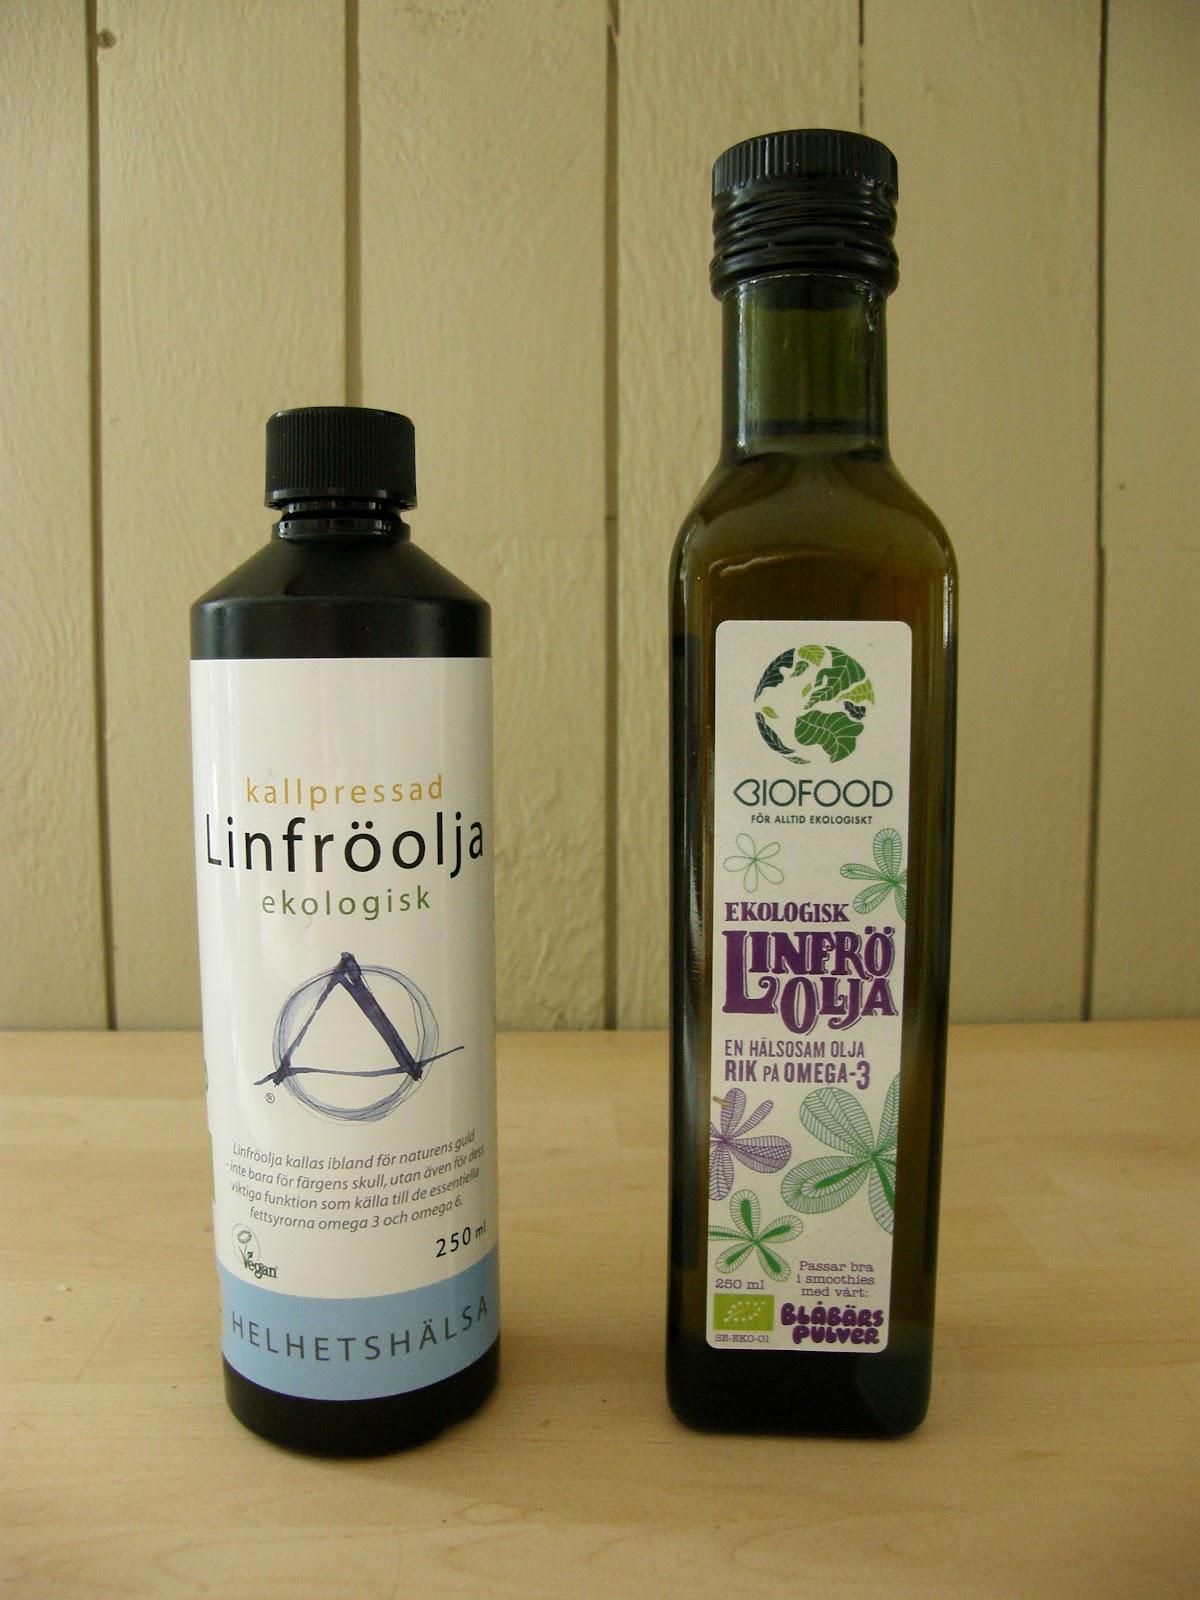 vad är linfröolja bra för